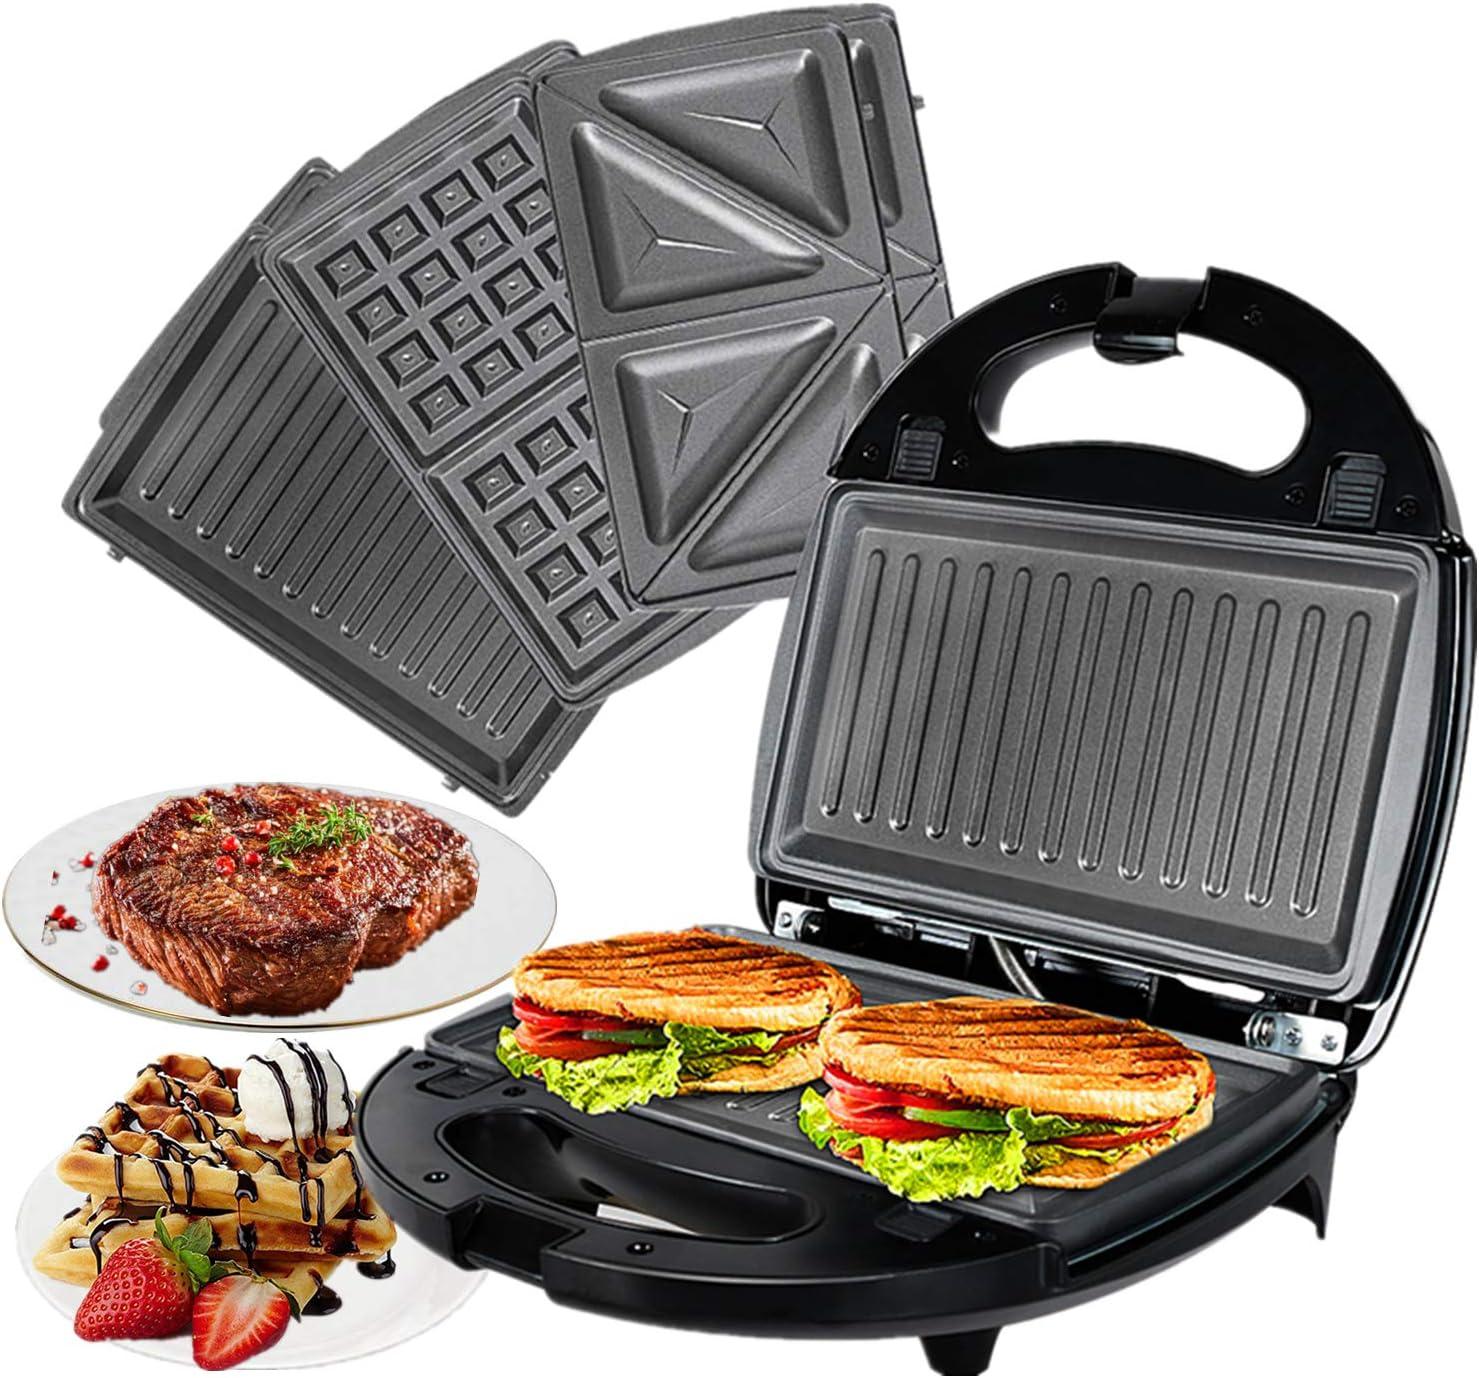 OZAVO 3 en 1 Sandwich Grill, Sandwitch Toaster, Croque Gaufre, Appareil à Croque monsieur en Acier Inoxydable, 750W, Noir